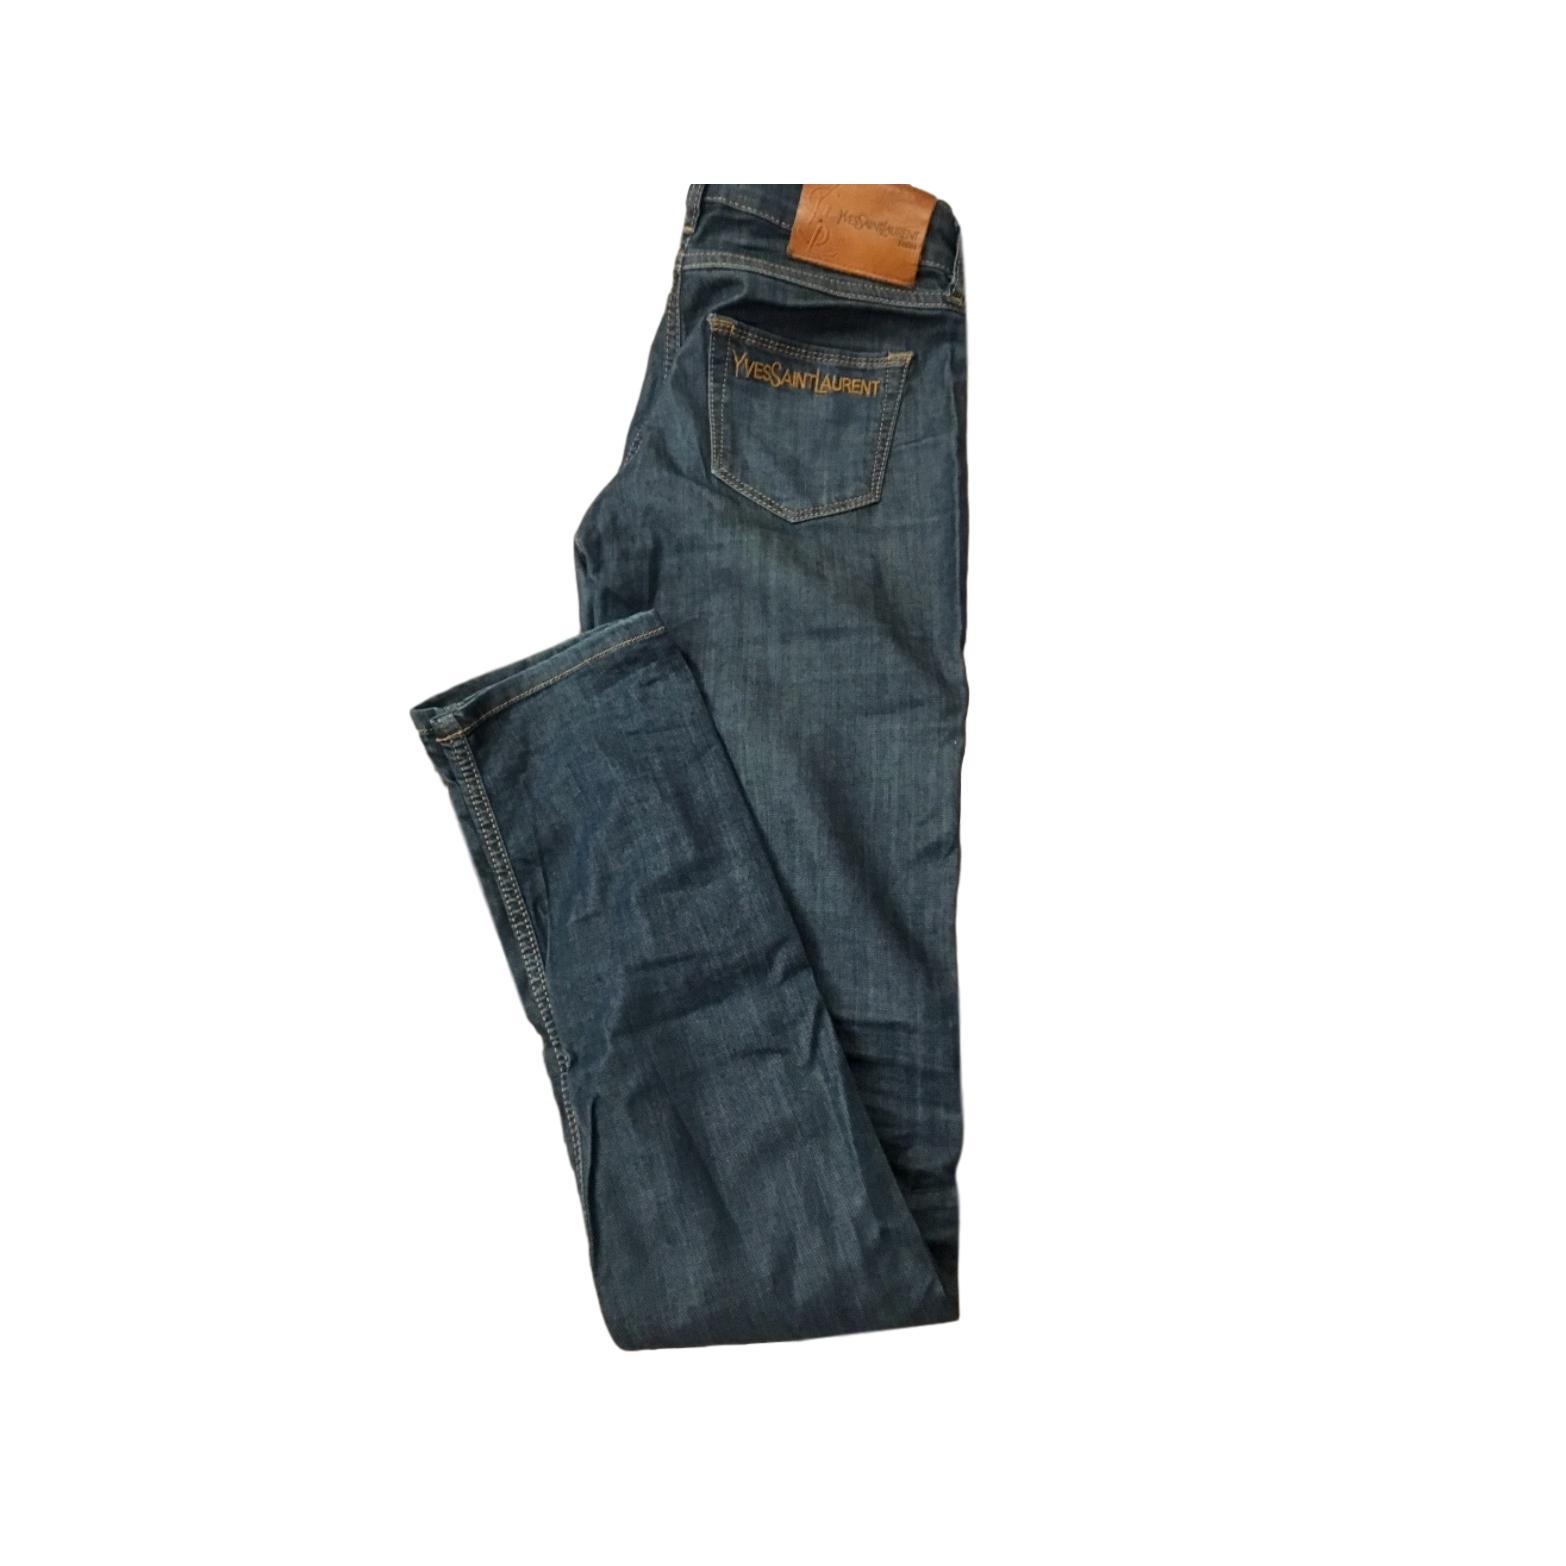 Купить джинсы Yves Saint Laurent за 5200 руб. в интернет магазине ... 4bd6c2b8406